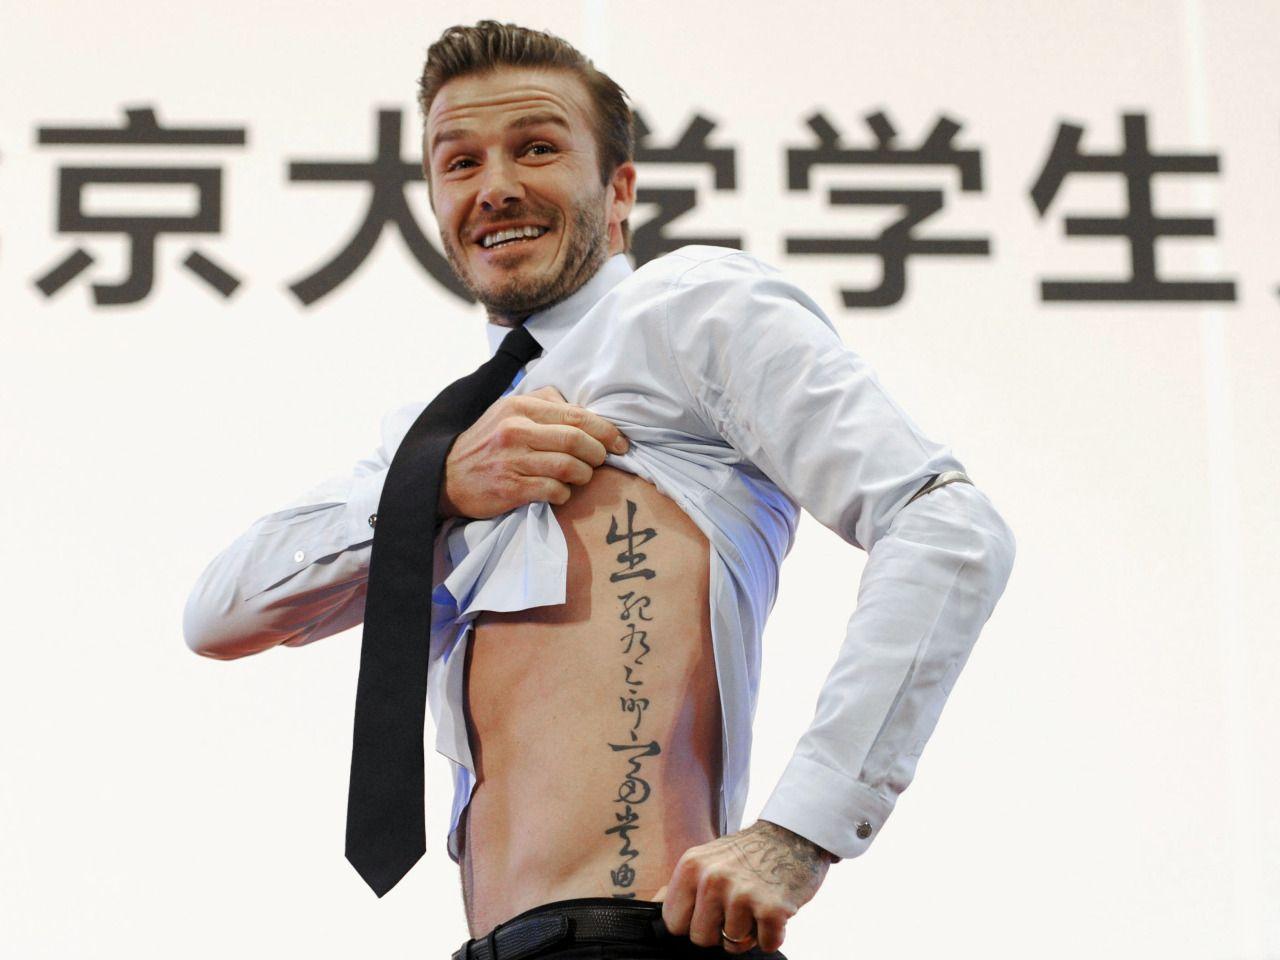 """BECKHAM, EL MÁS SEXY. La revista People ha honrado al ex futbolista inglés David Beckham como el """"hombre vivo más sexy del mundo"""". Beckham, de 40 años, dice que a pesar de su reputación internacional como símbolo sexual no se siente una persona atractiva. """"Me gusta usar ropa bonita y trajes geniales y sentirme bien, pero nunca pienso en mí mismo en esa forma"""", afirma. Casado con la ex miembro de las Spice Girls Victoria Beckham, es padre de cuatro hijos. El exfutbolis..."""